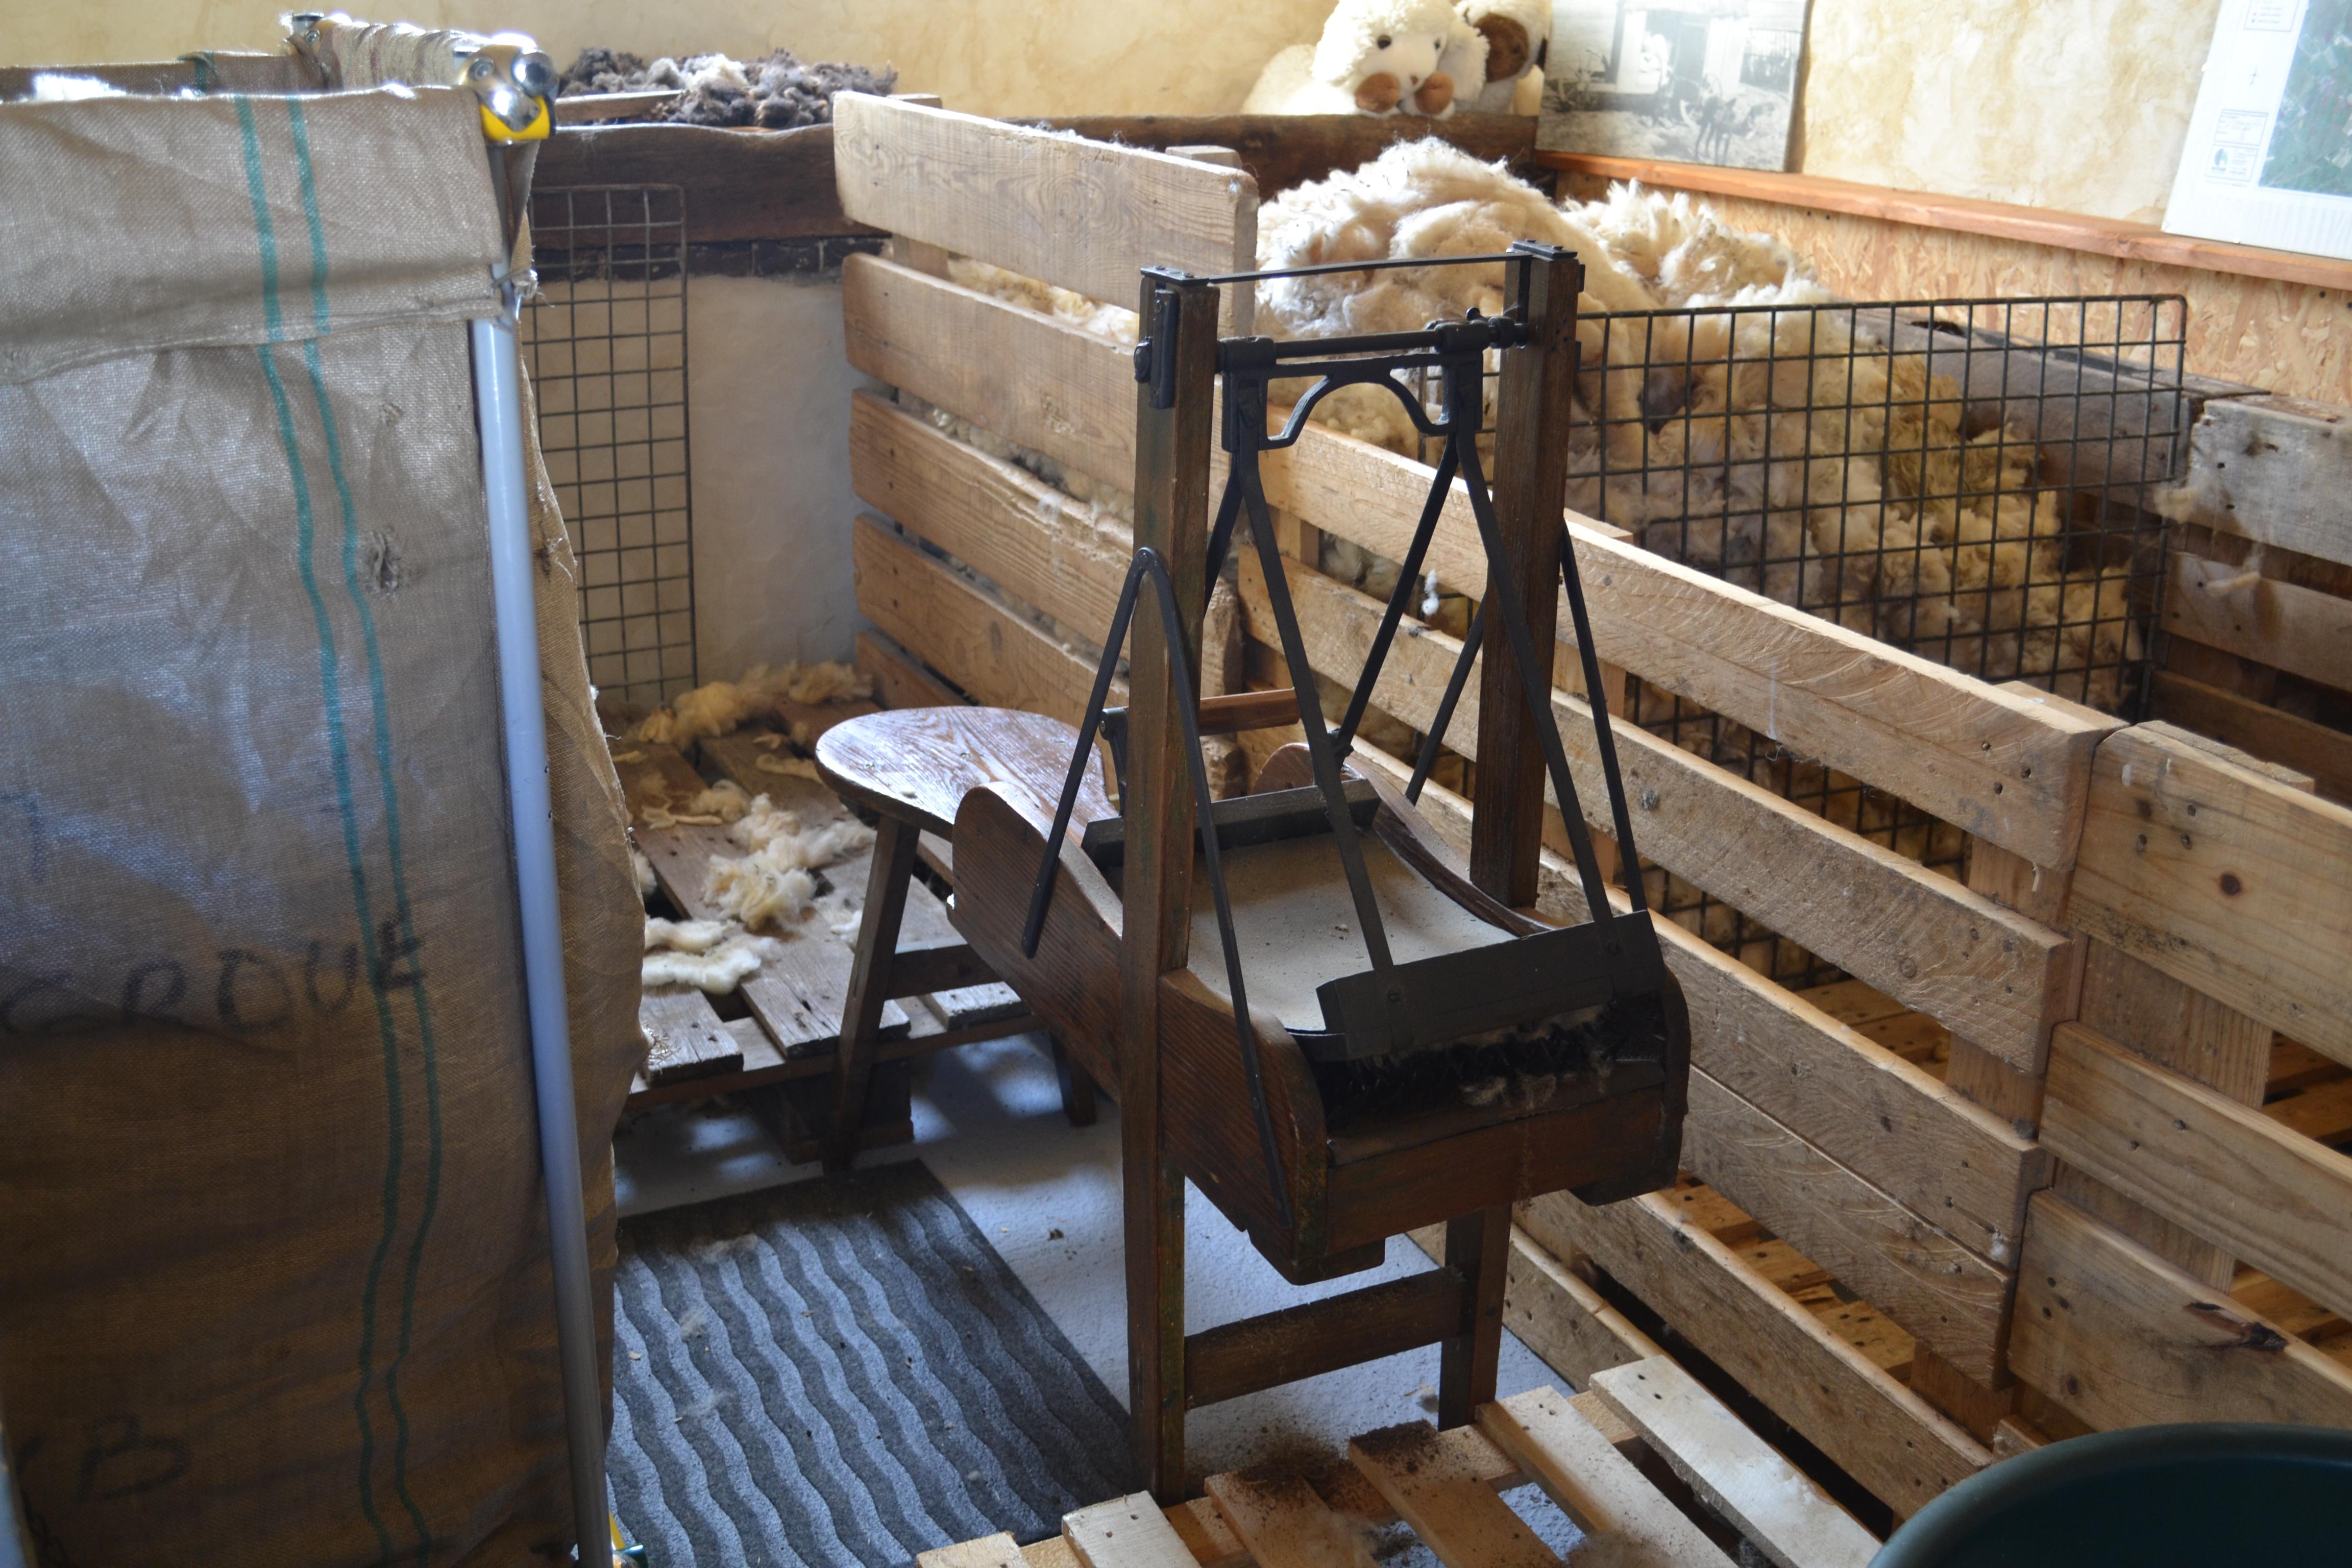 Cardeuse banc balancier atelier pure laine - Atelier a vendre belgique ...